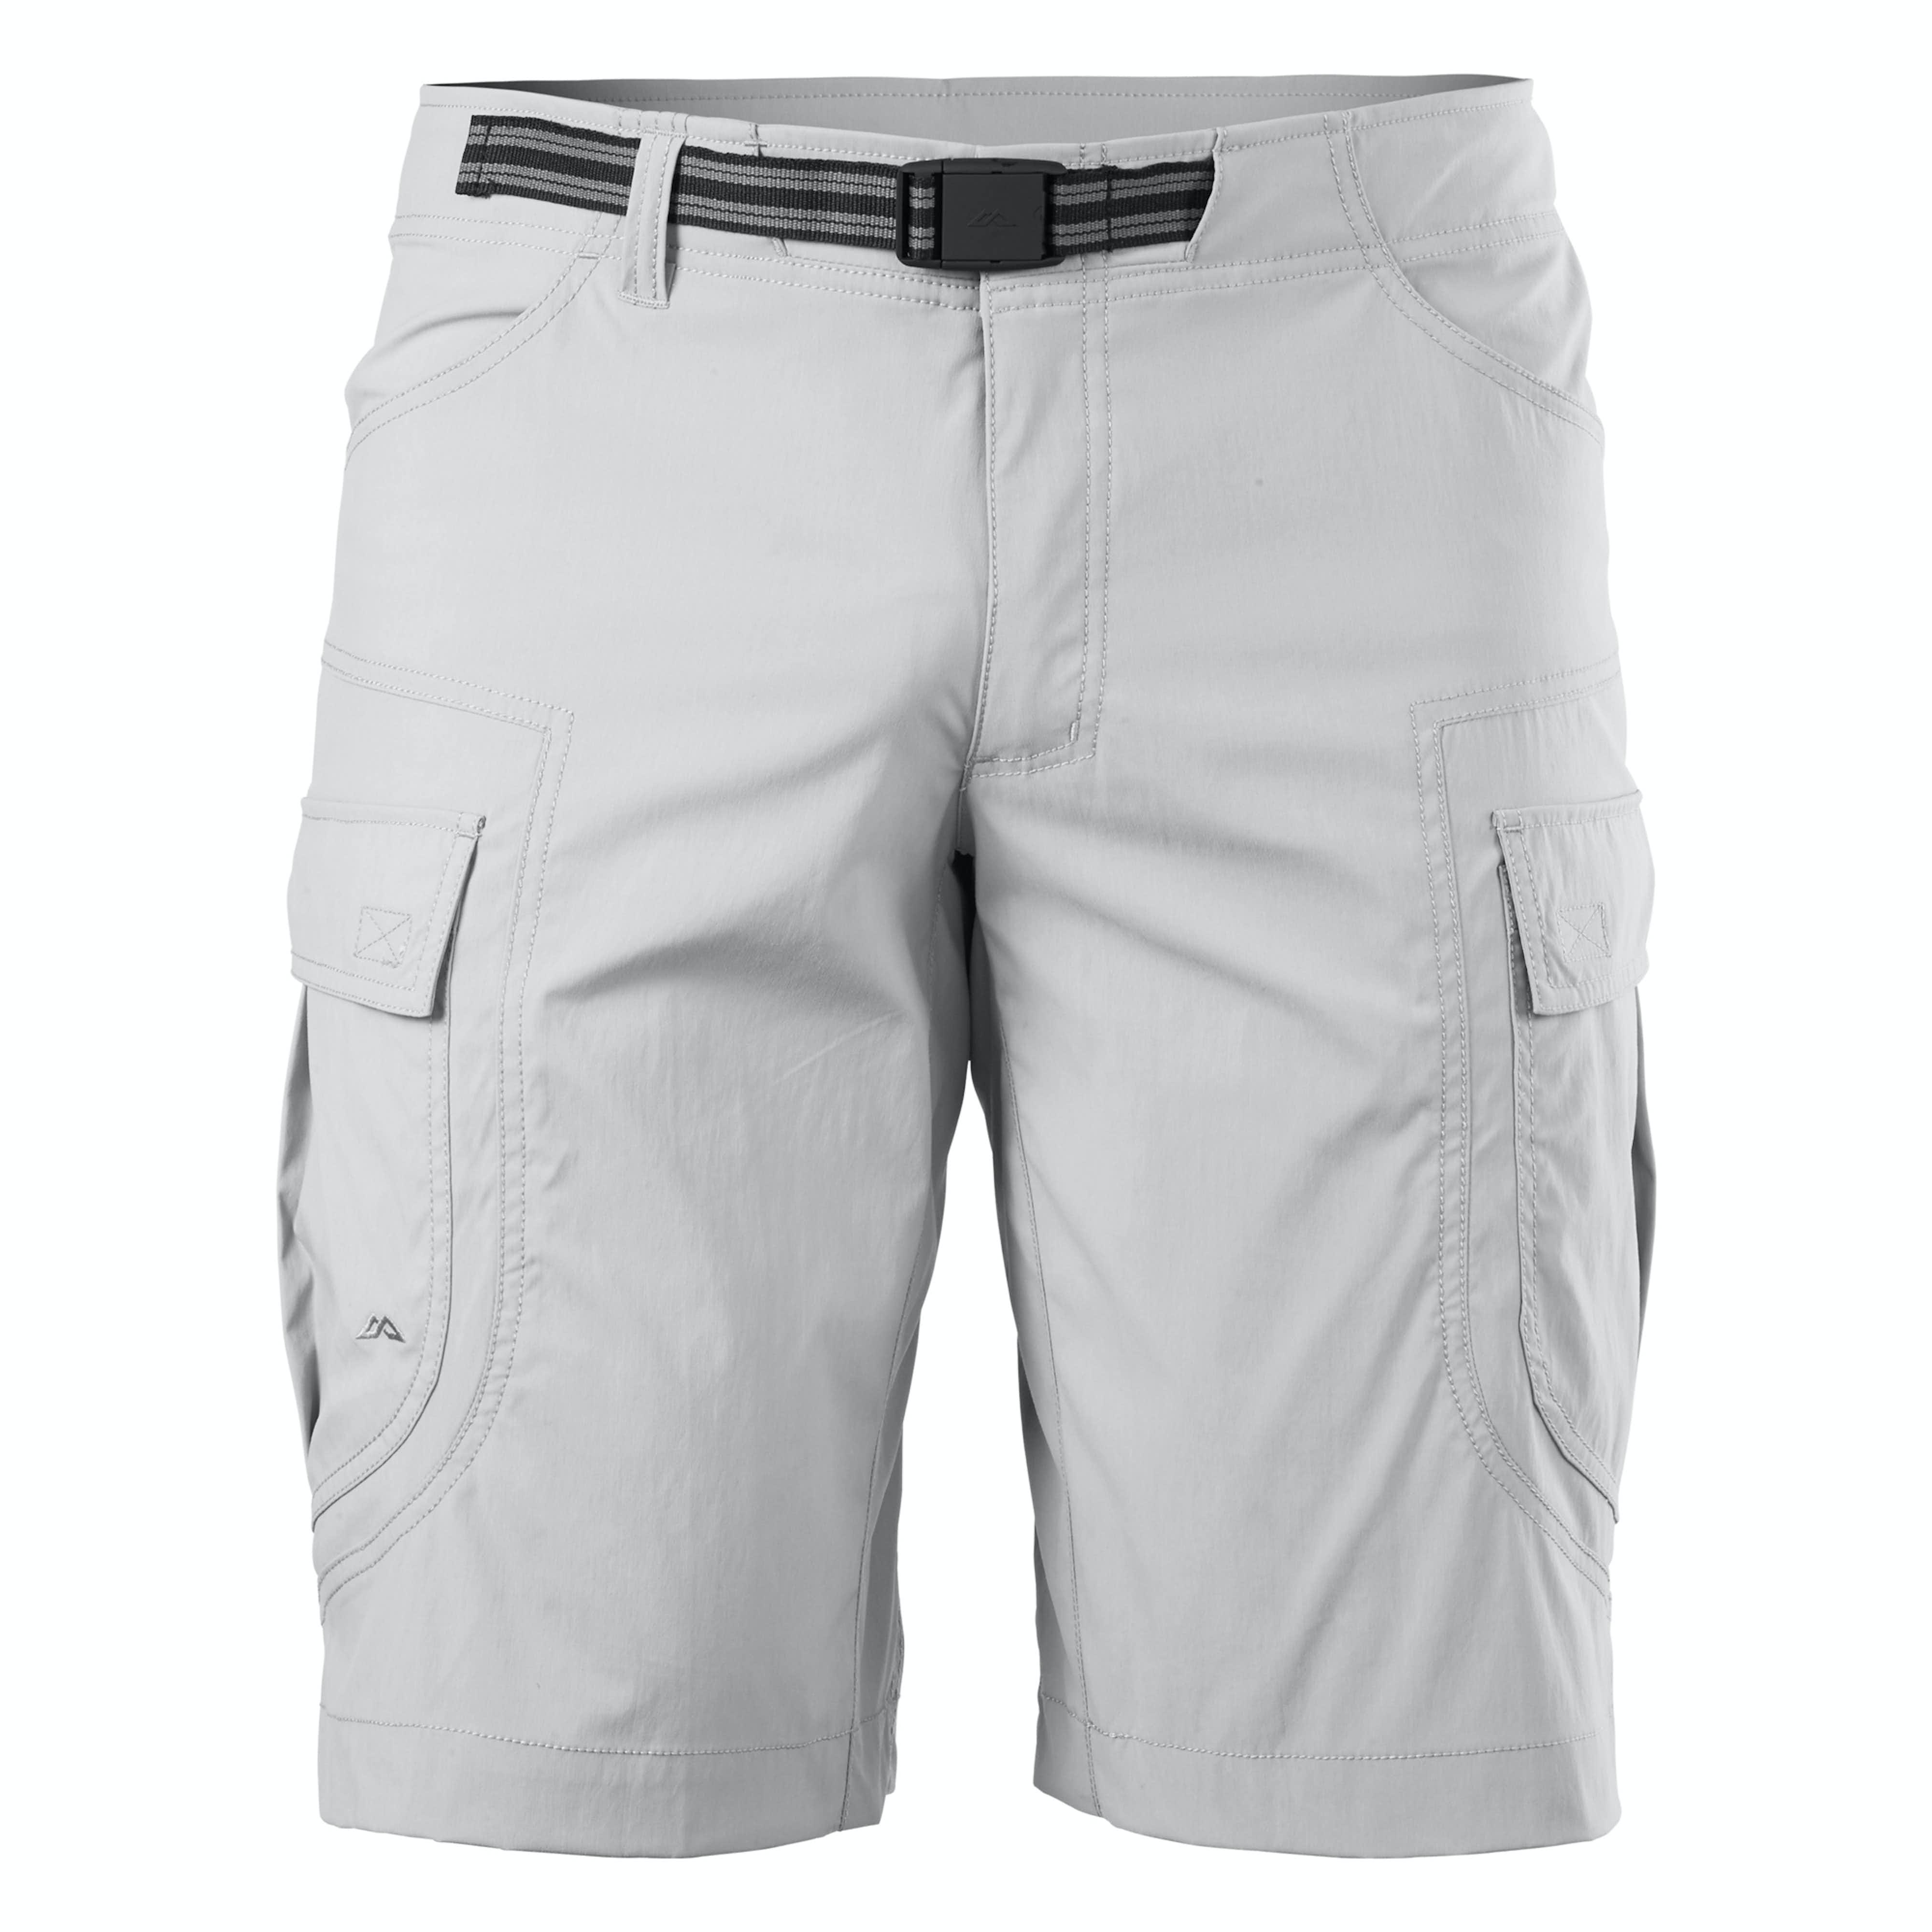 02a76a299058 Danu Men s Hiking Shorts v2